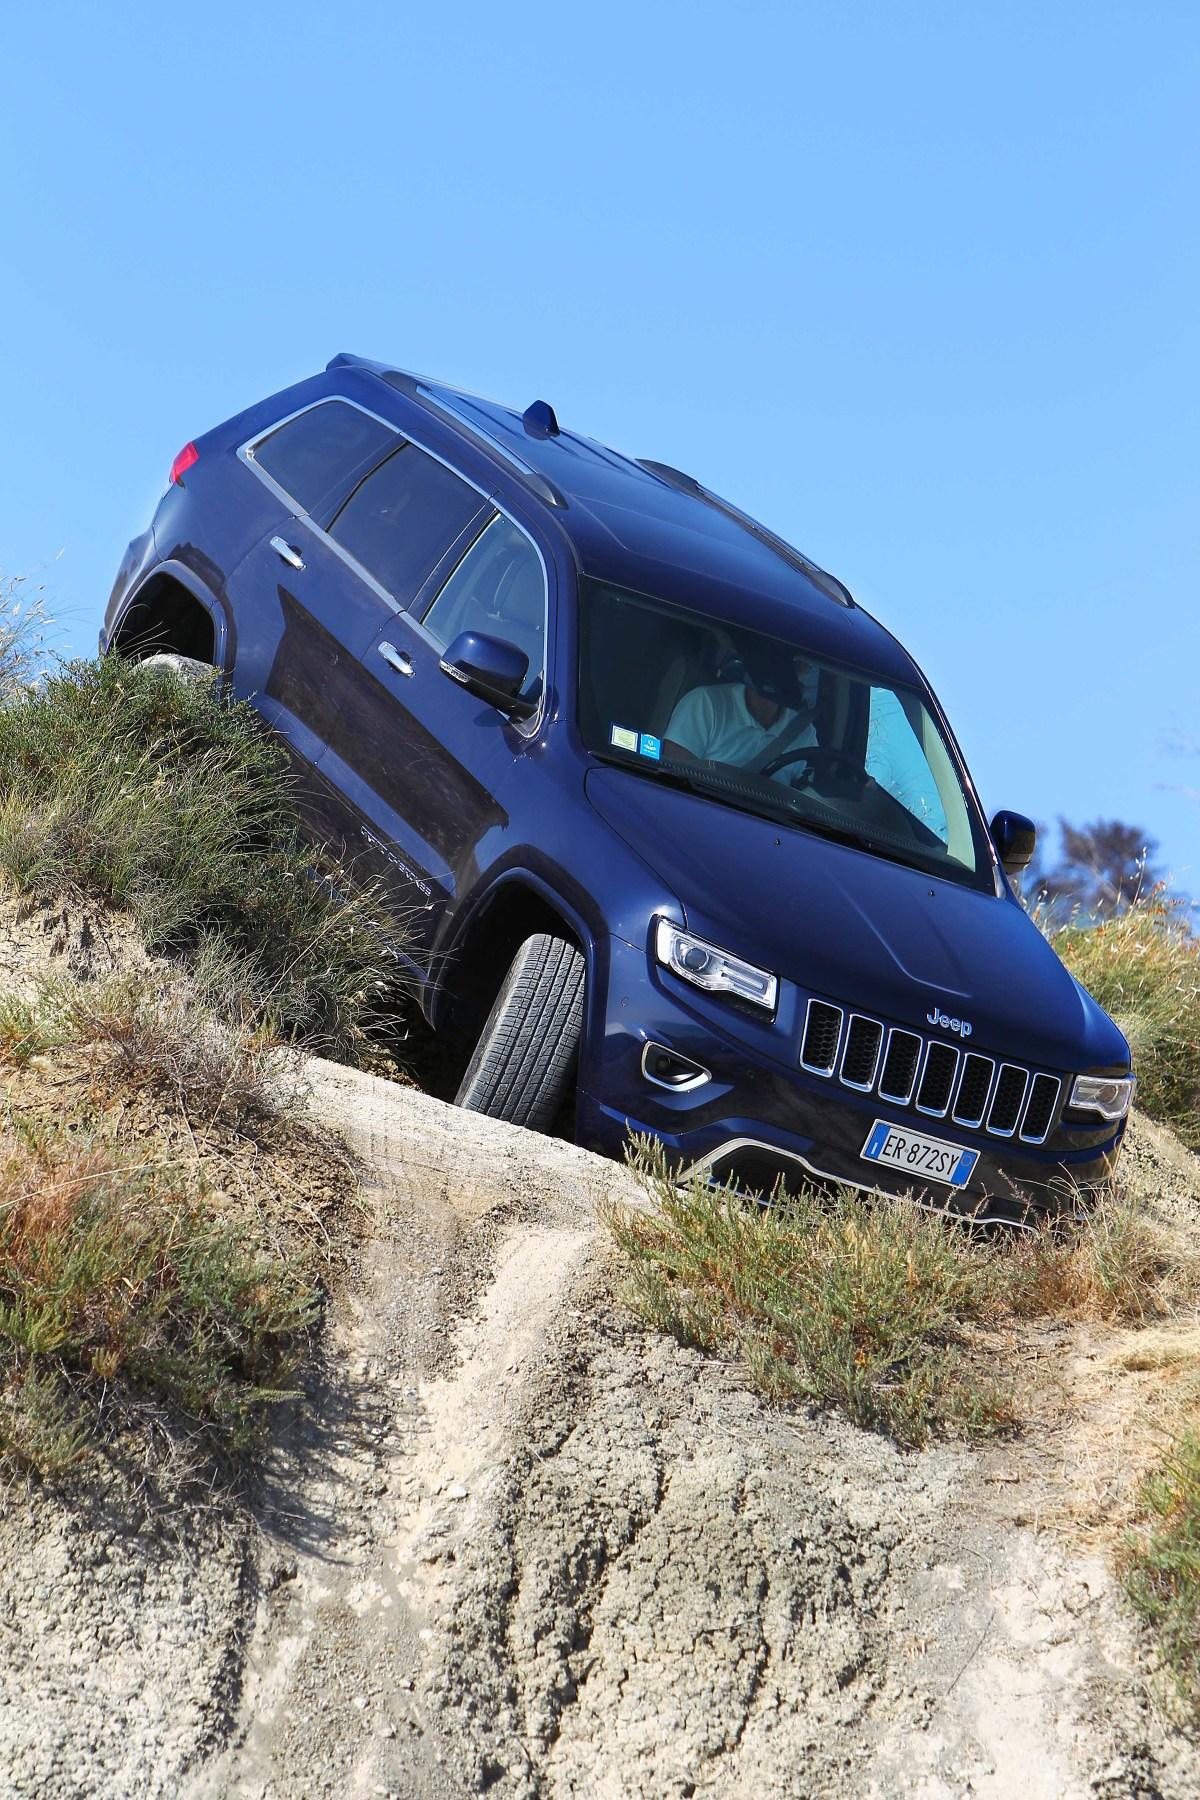 """Samochody Jeep z oznakowaniem Trail Rated poddawane są serii szczegółowych testów stworzonych specjalnie po to, aby udowodnić doskonałe możliwości """"off-roadowe"""" na najbardziej wymagających szlakach świata. Fot. Jeep"""